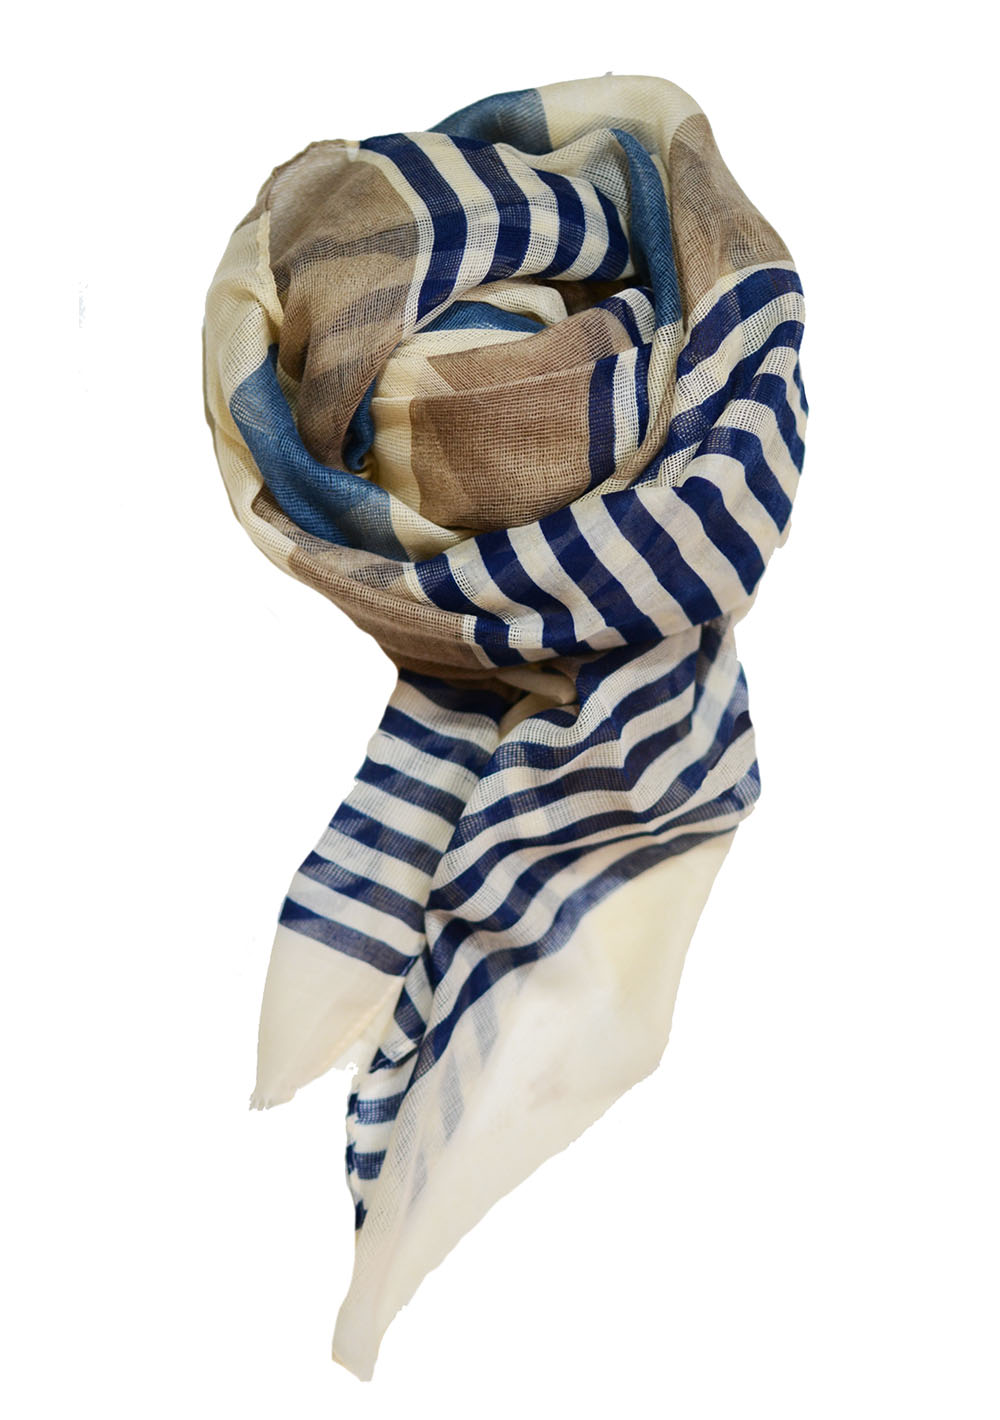 scarf nvy bge plaid.jpg